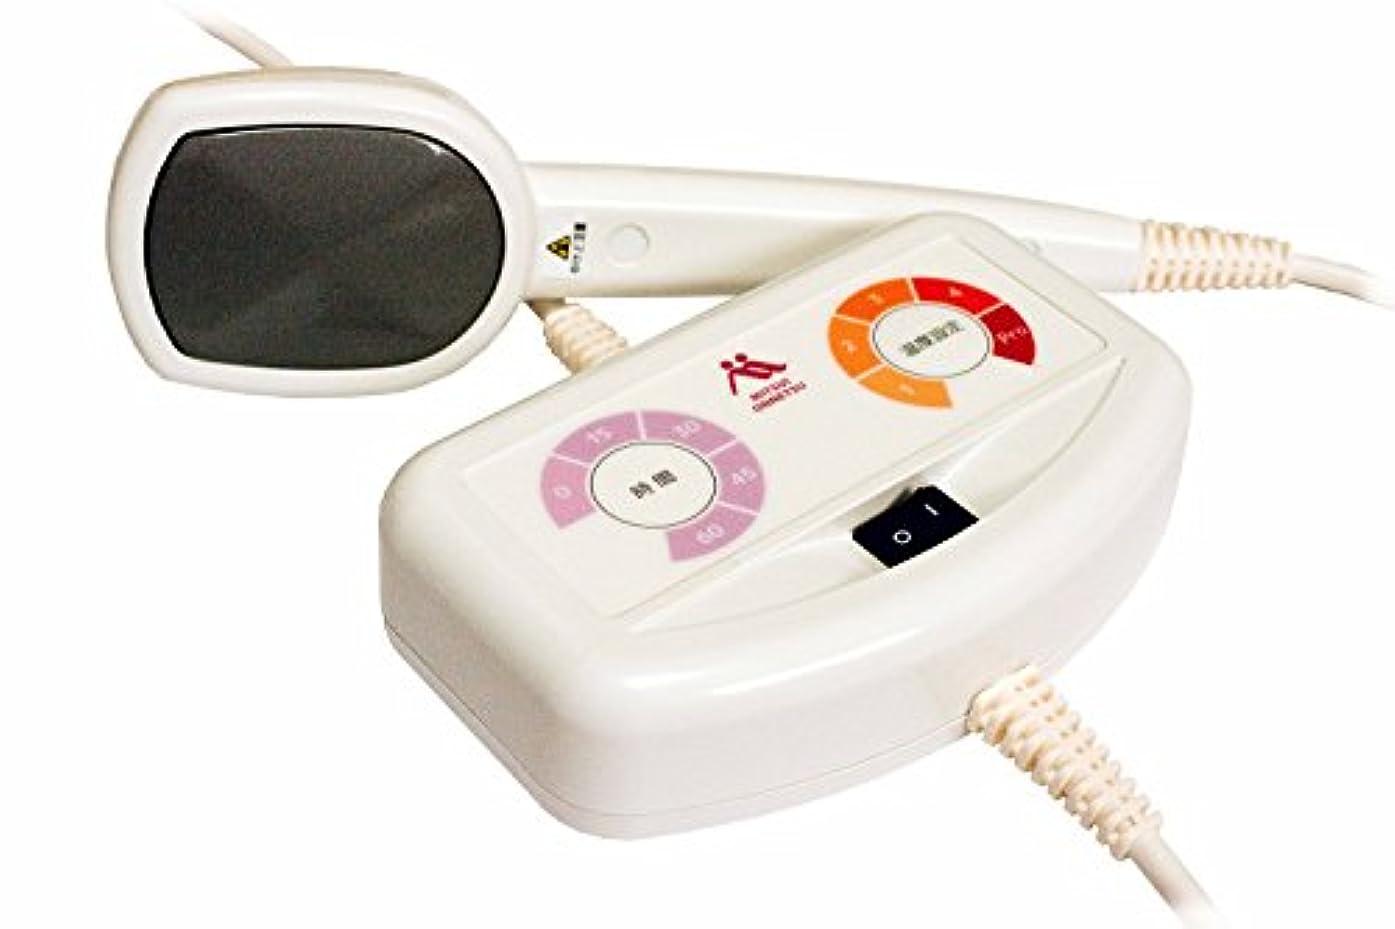 この水ピジン家庭用温熱治療器「三井式温熱治療器3」